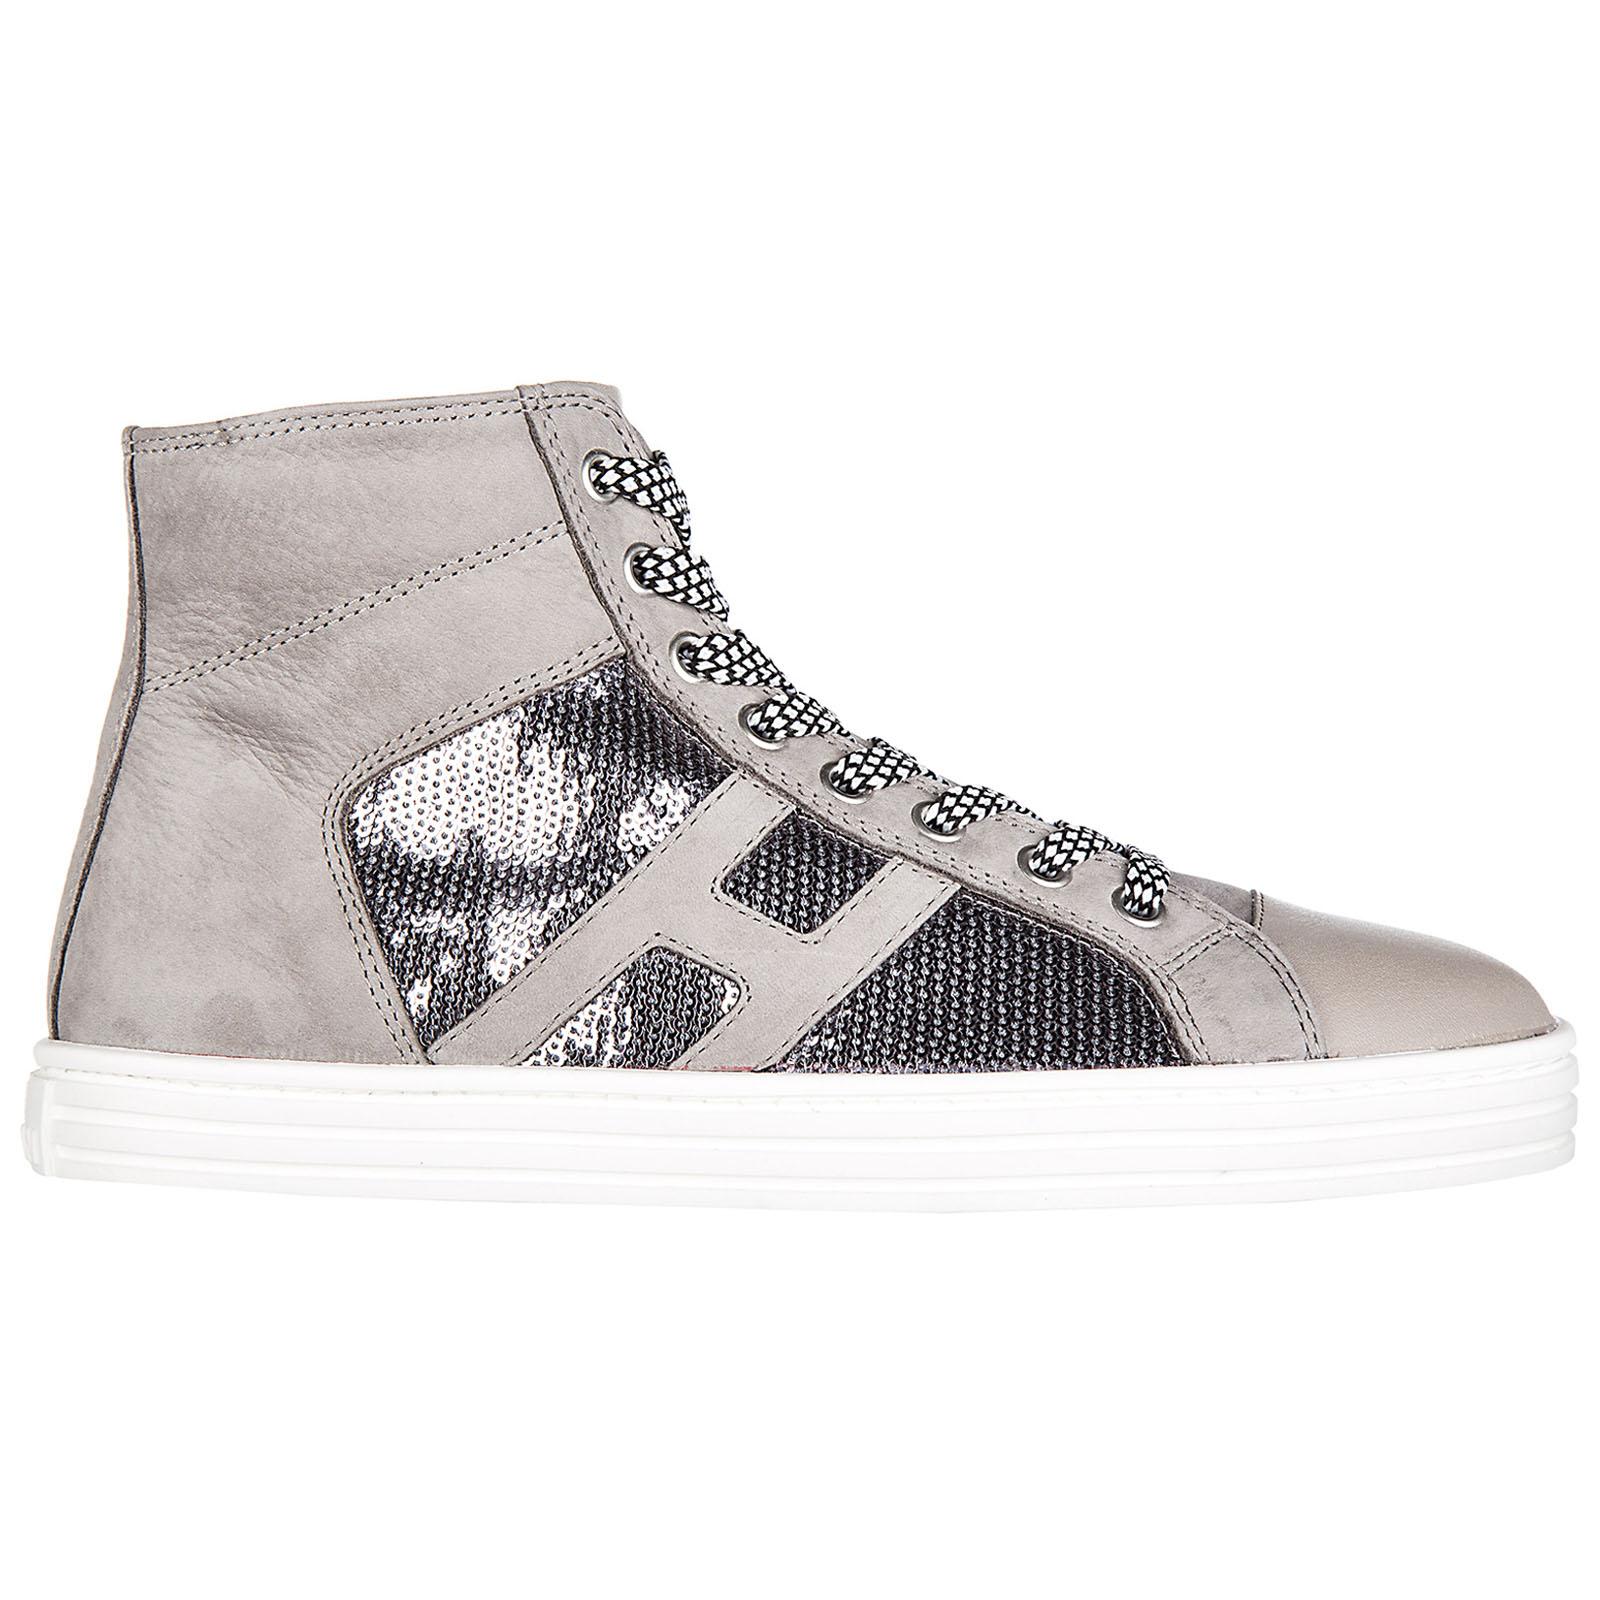 Scarpe sneakers alte donna in camoscio r141 laterale pailettes tessuto